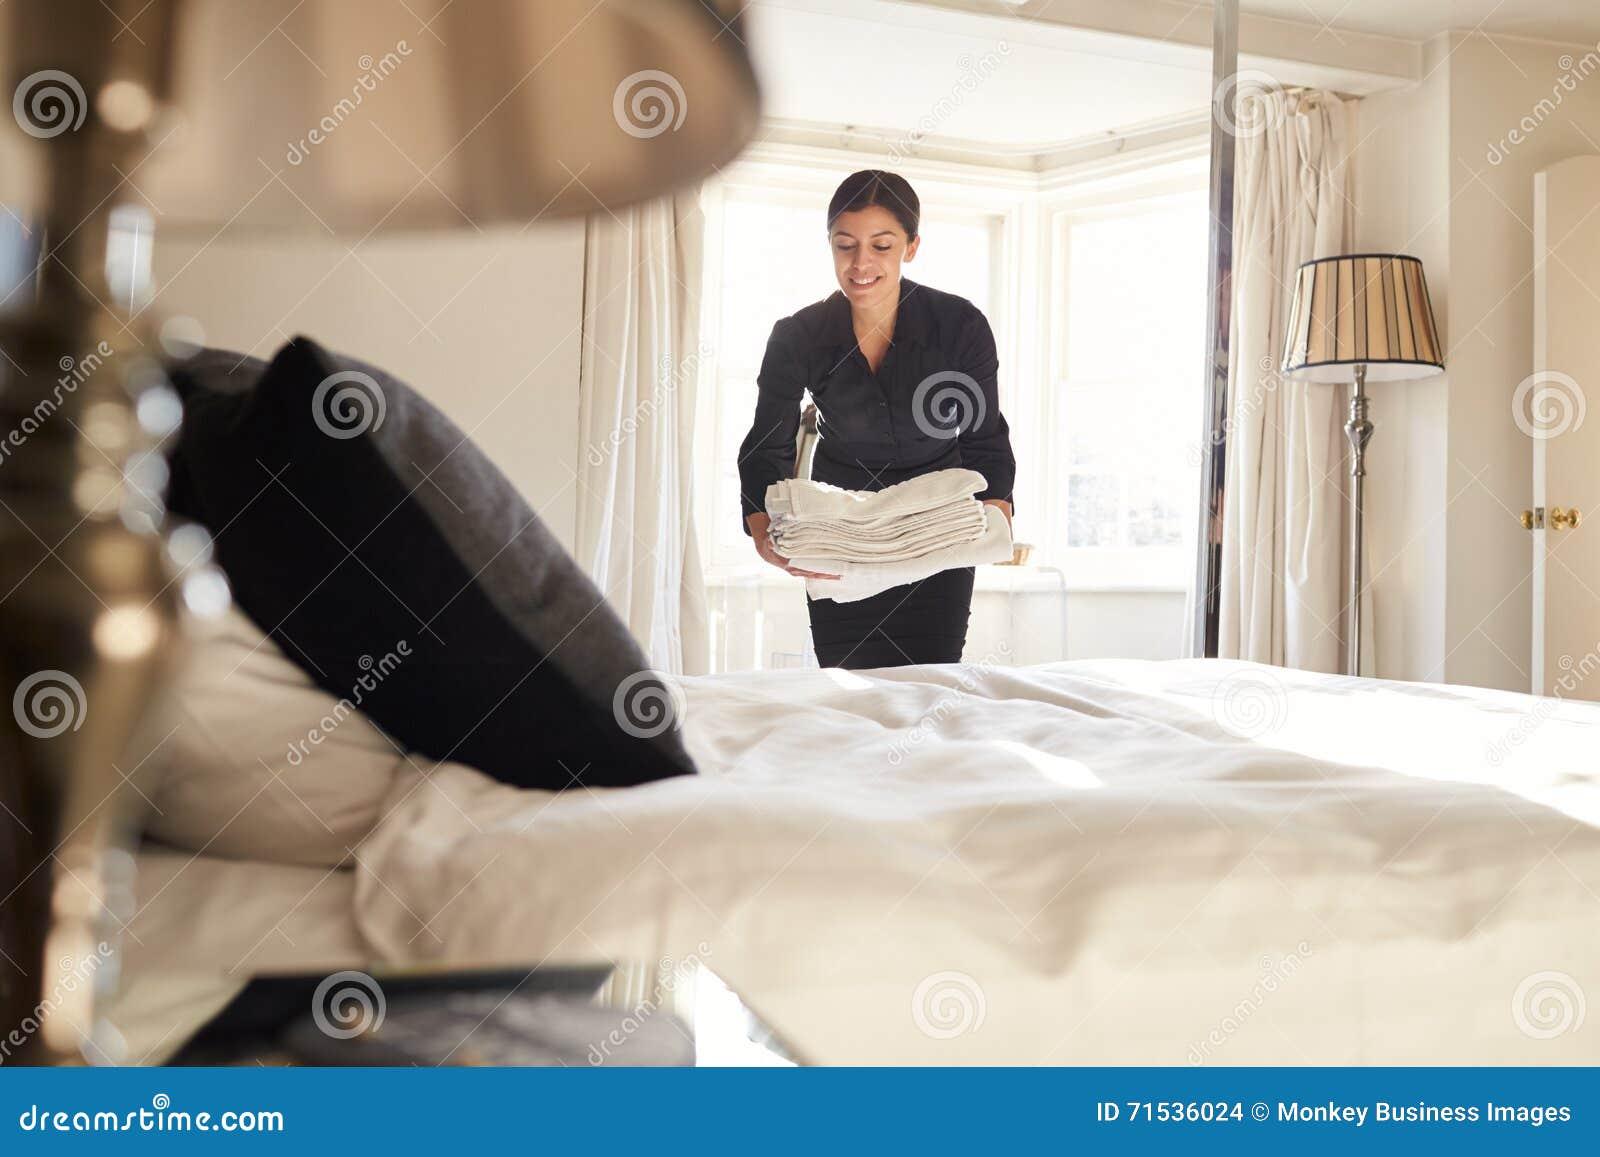 Camarera que coloca el lino en la cama de la habitación, opinión de ángulo bajo